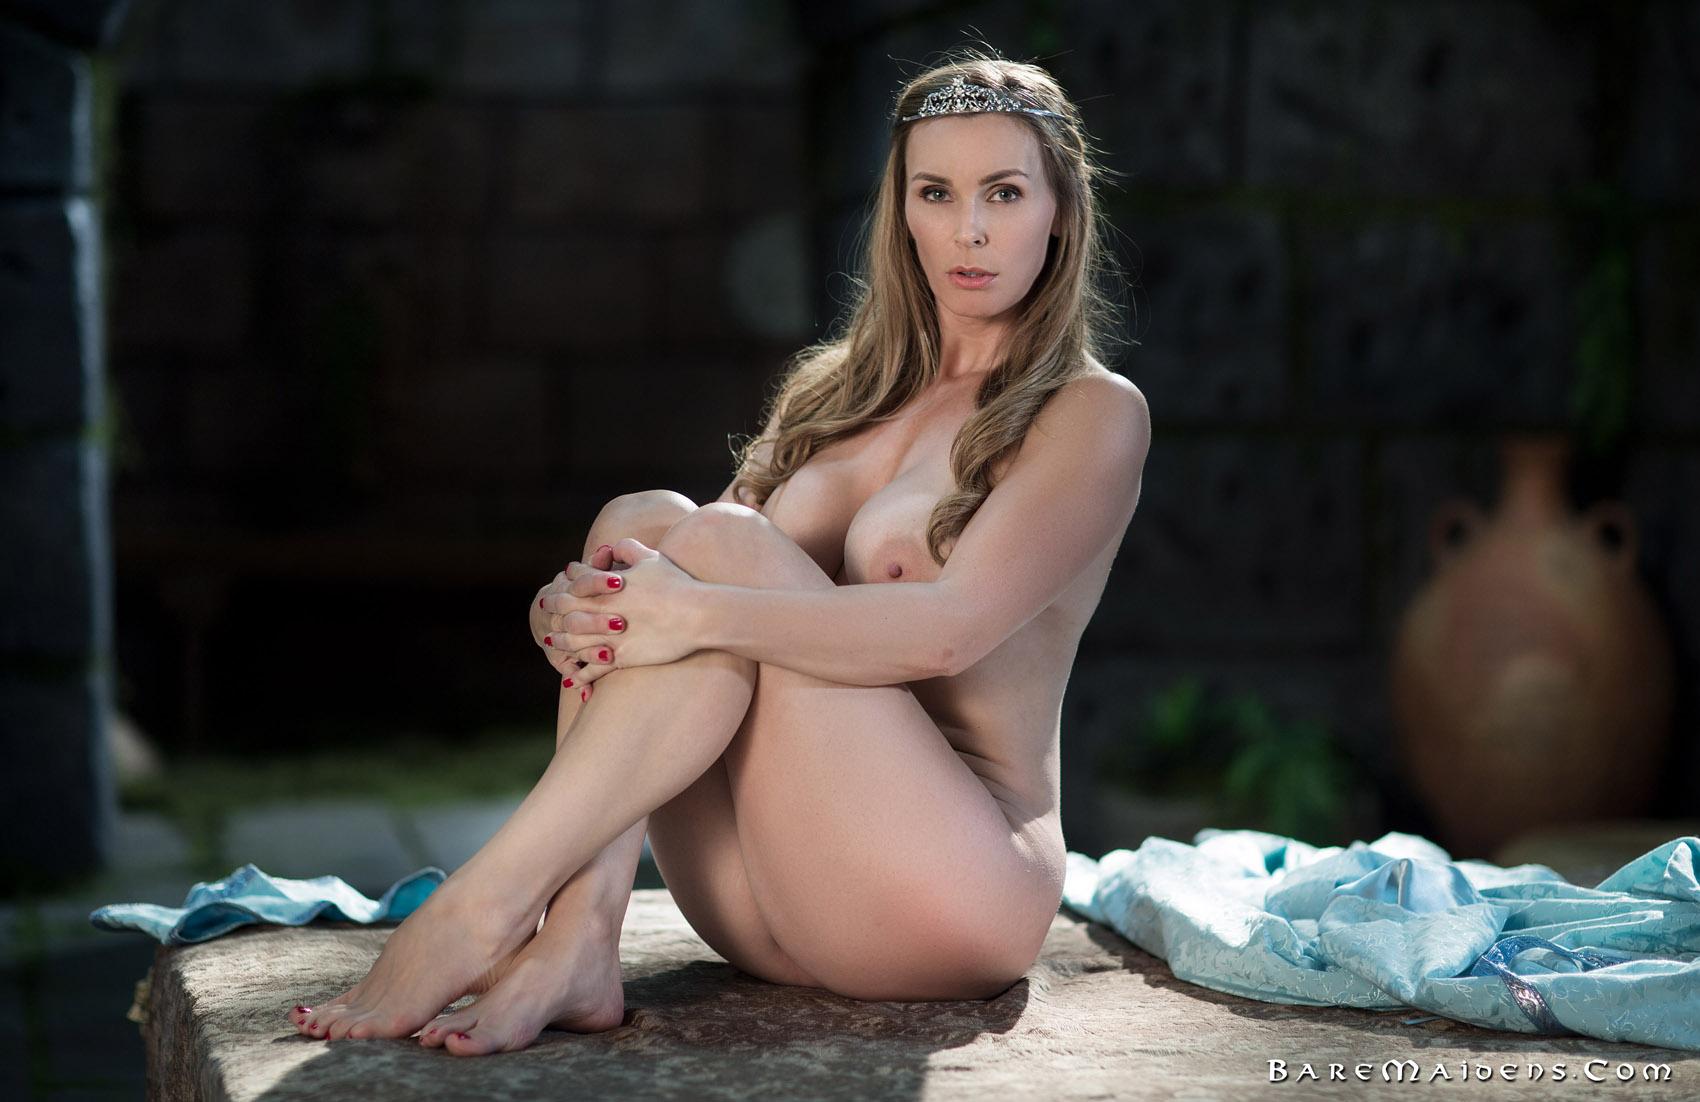 Сказка эротика онлайн, Порно сказки видео - Эротика. Орг 28 фотография